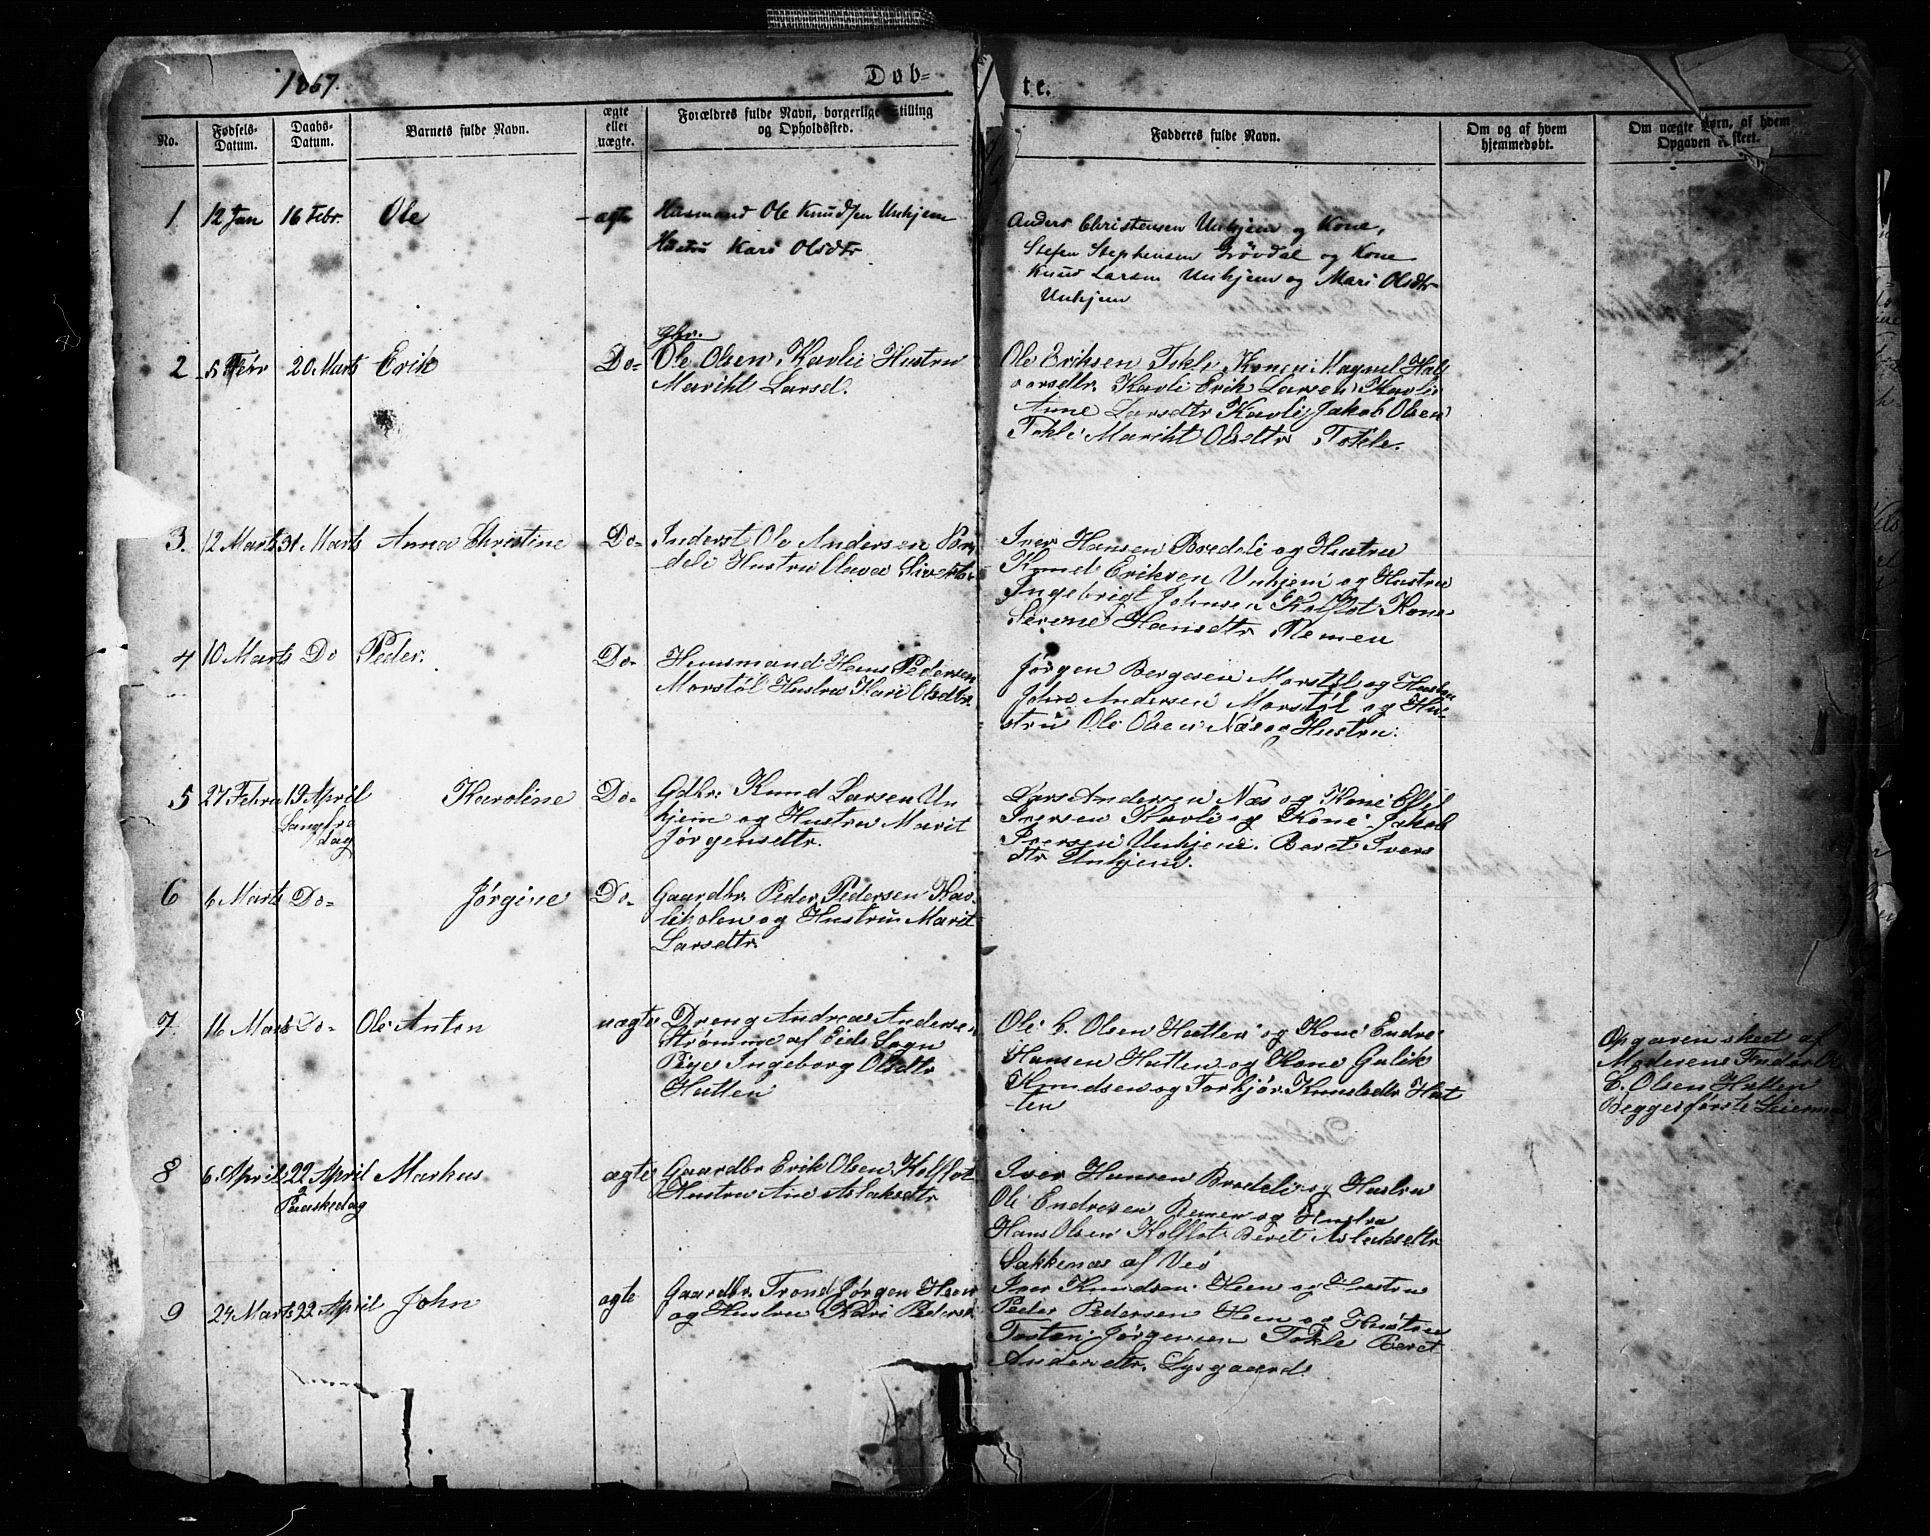 SAT, Ministerialprotokoller, klokkerbøker og fødselsregistre - Møre og Romsdal, 545/L0588: Klokkerbok nr. 545C02, 1867-1902, s. 1